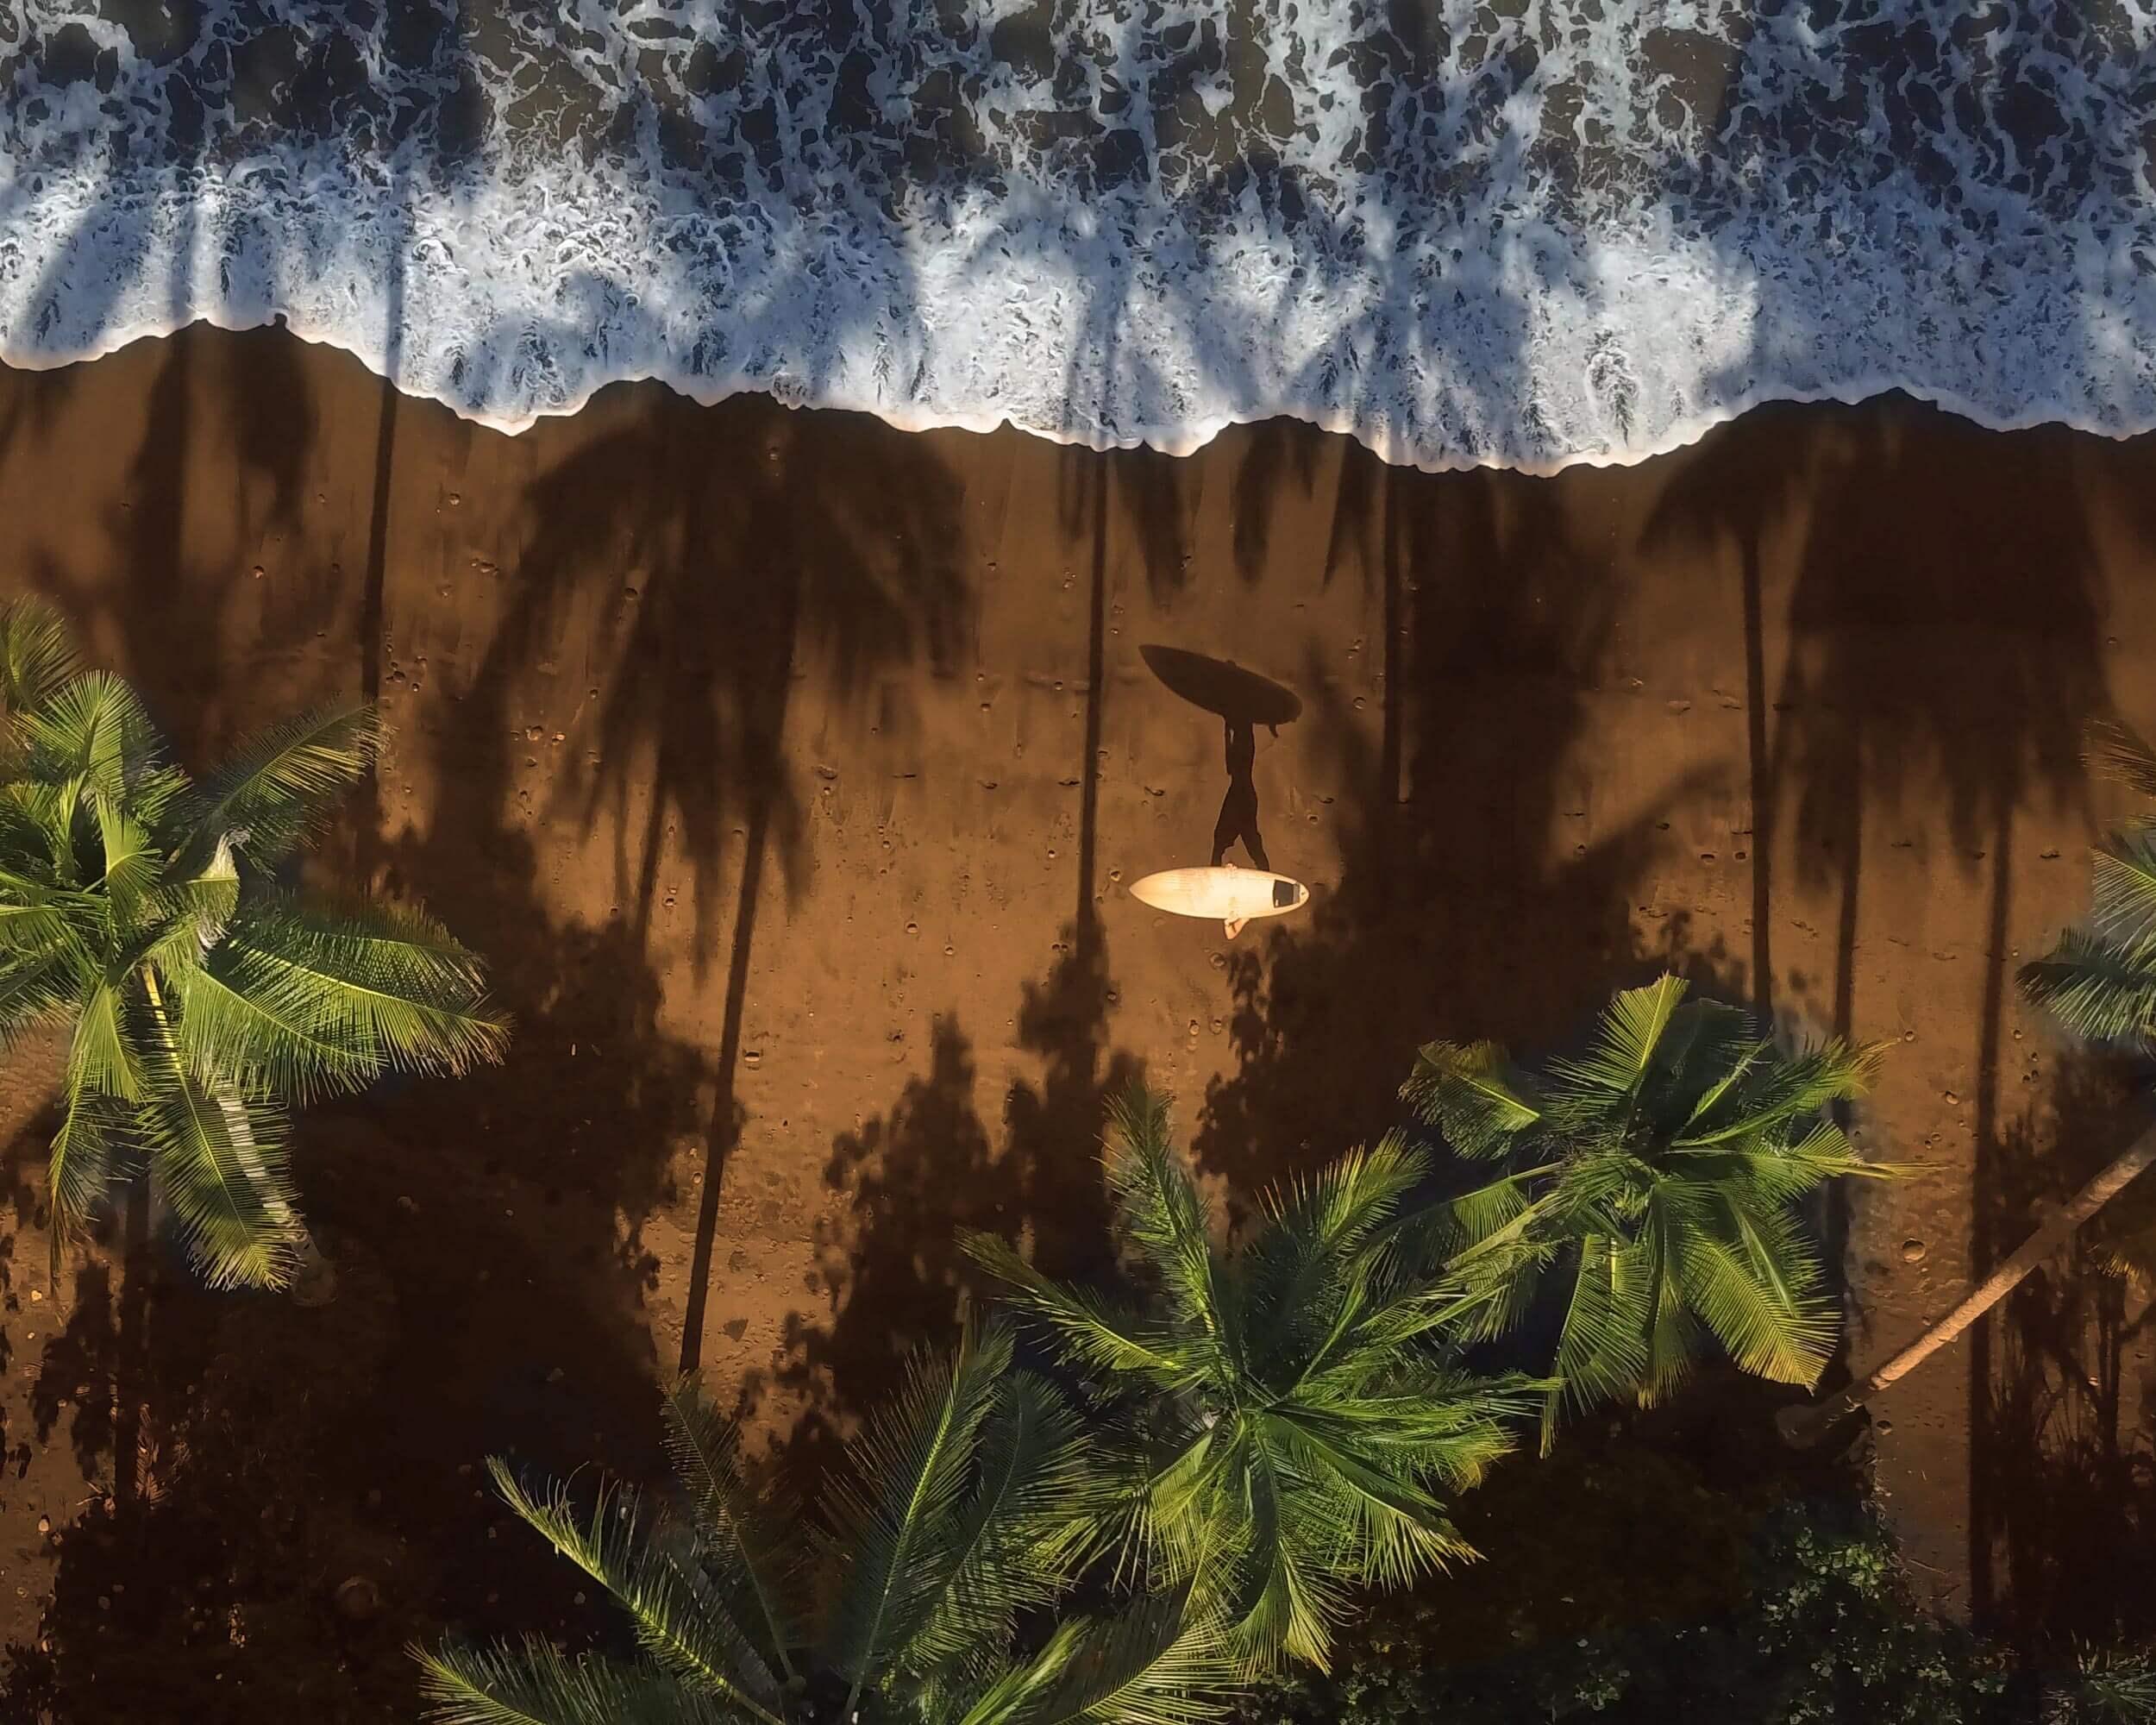 Strand am Meer mit Surfbrett und Palmen Themenbild Old Donald's Schale Kokosnuss rund goldiger Rand Behälter für Grinder Inhalt Cbuy.ch Alles Gute aus Cannabis Schweizer CBD Hanfblüten CBD Produkte CBD Öle Hanf-Lebensmittel Schlafen Schmerzen Entspannung Natur SWISS Gate AG